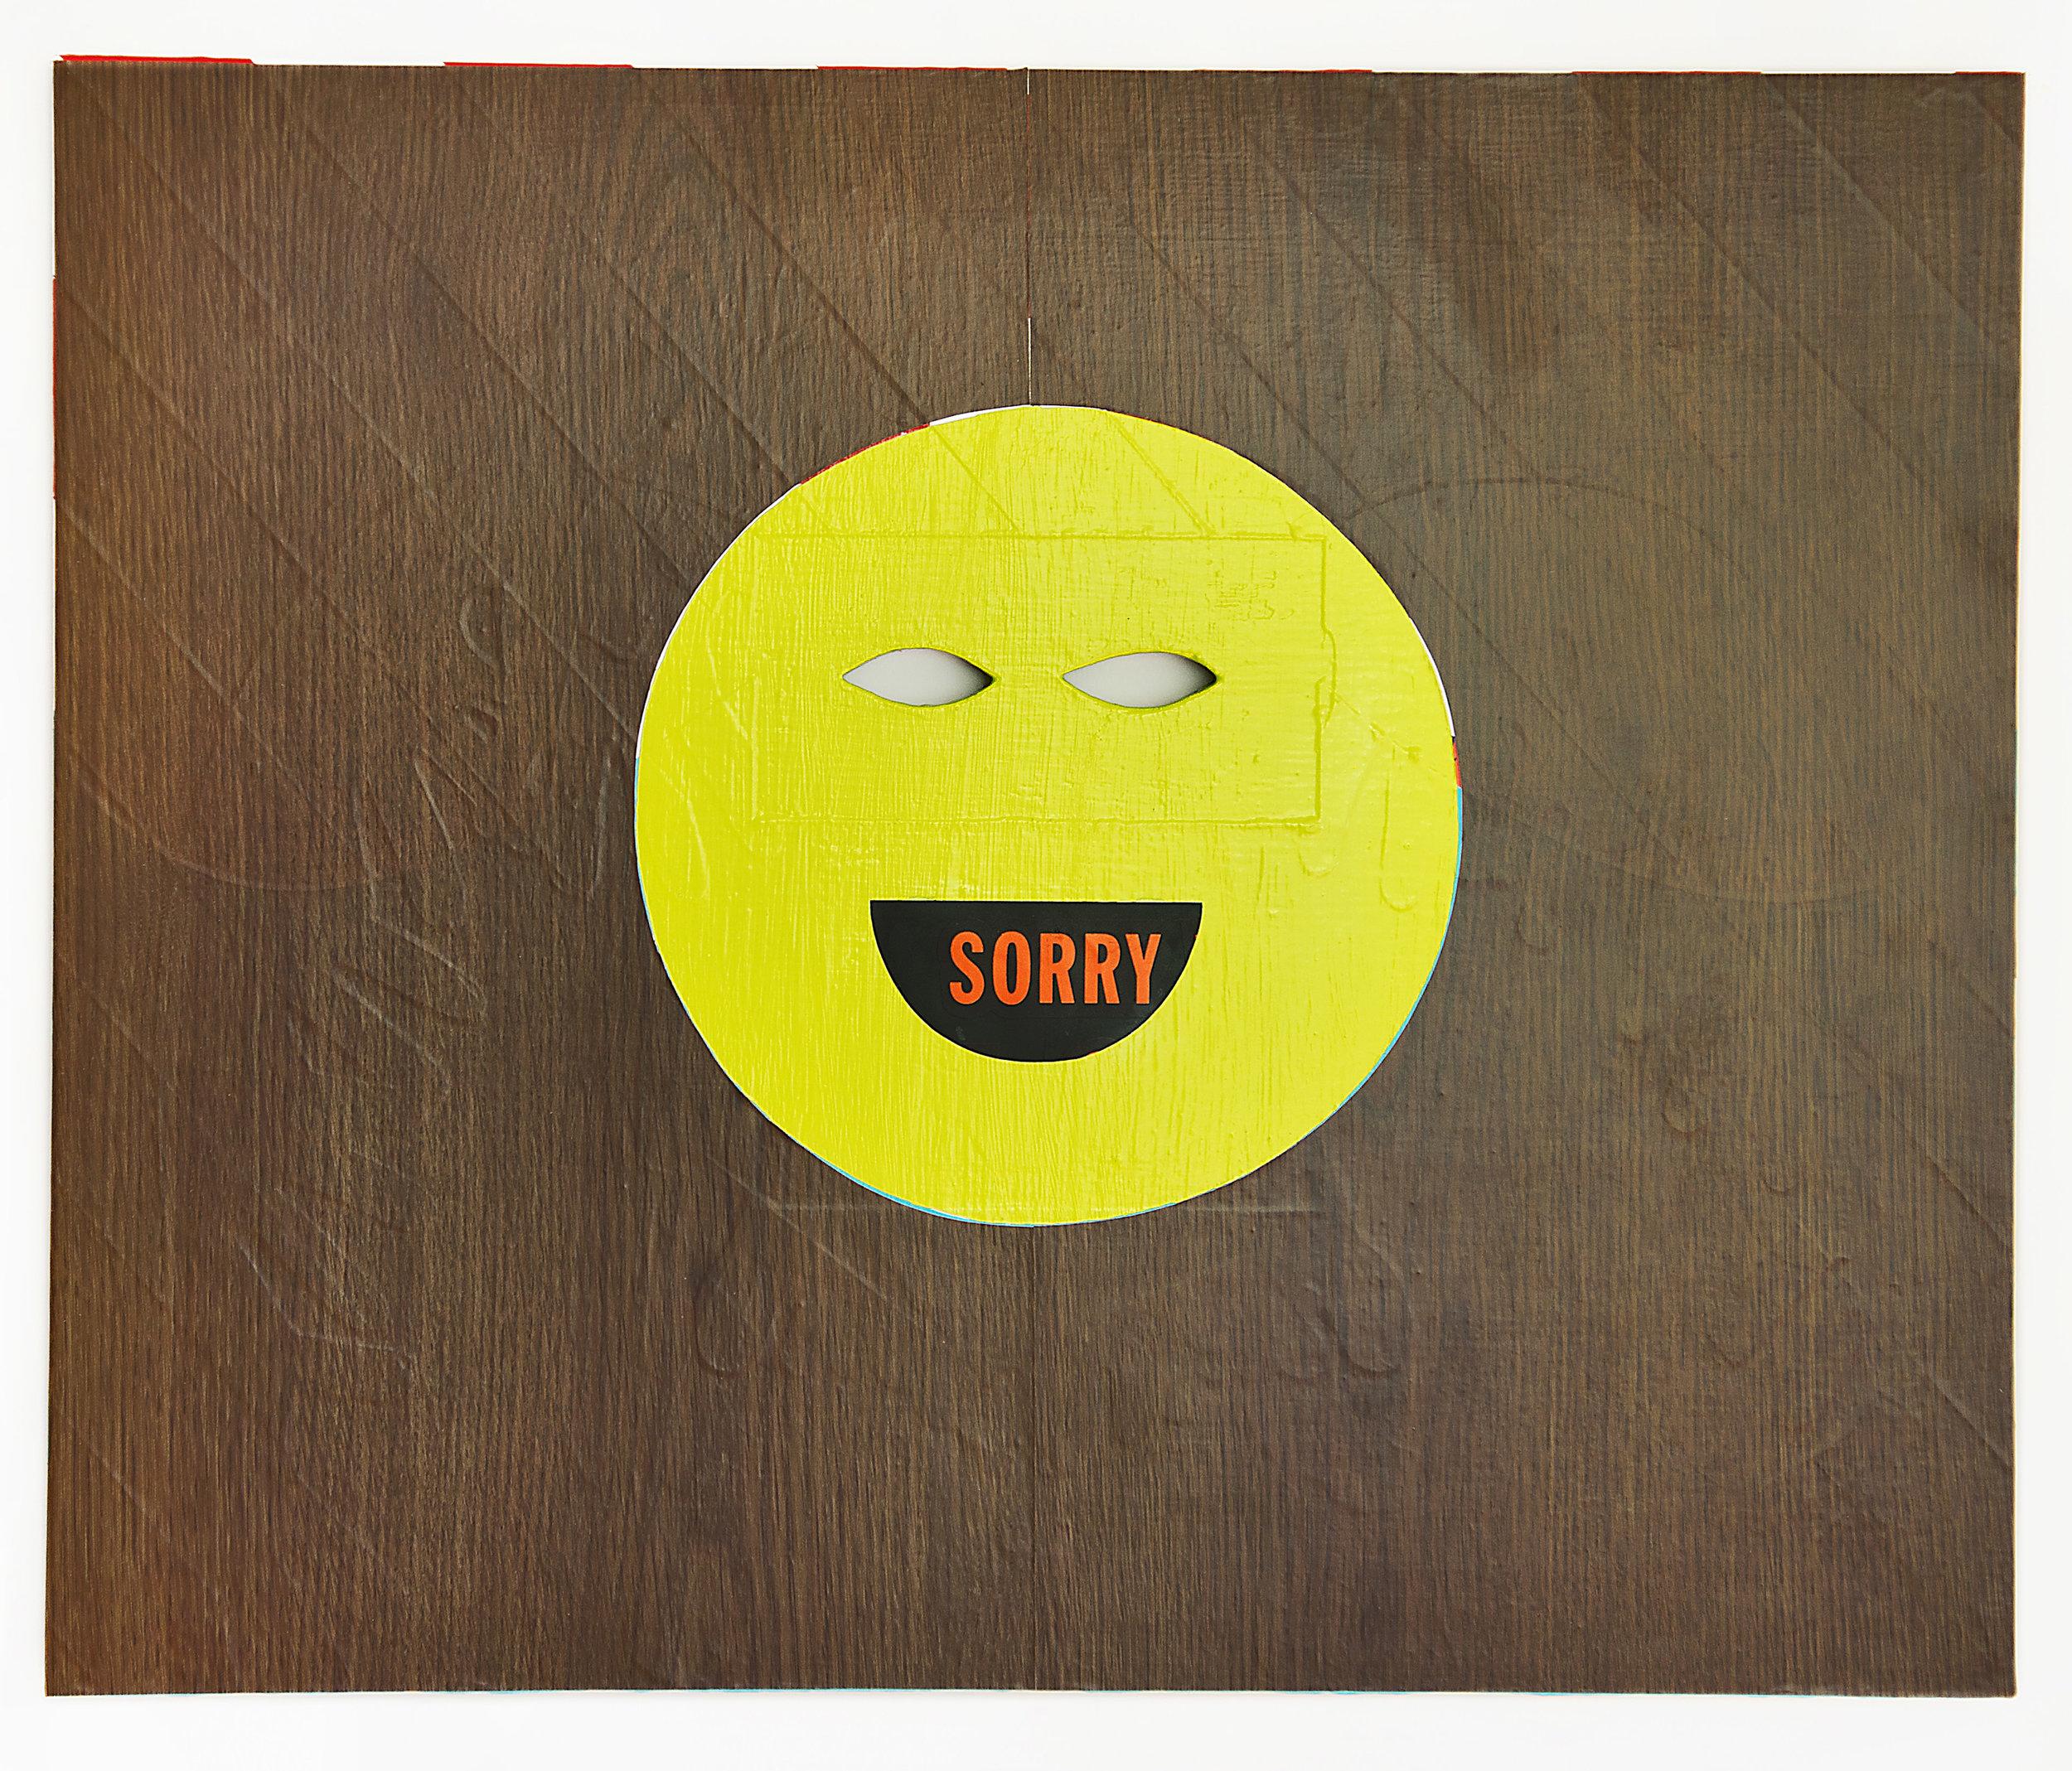 Sorry, 2013